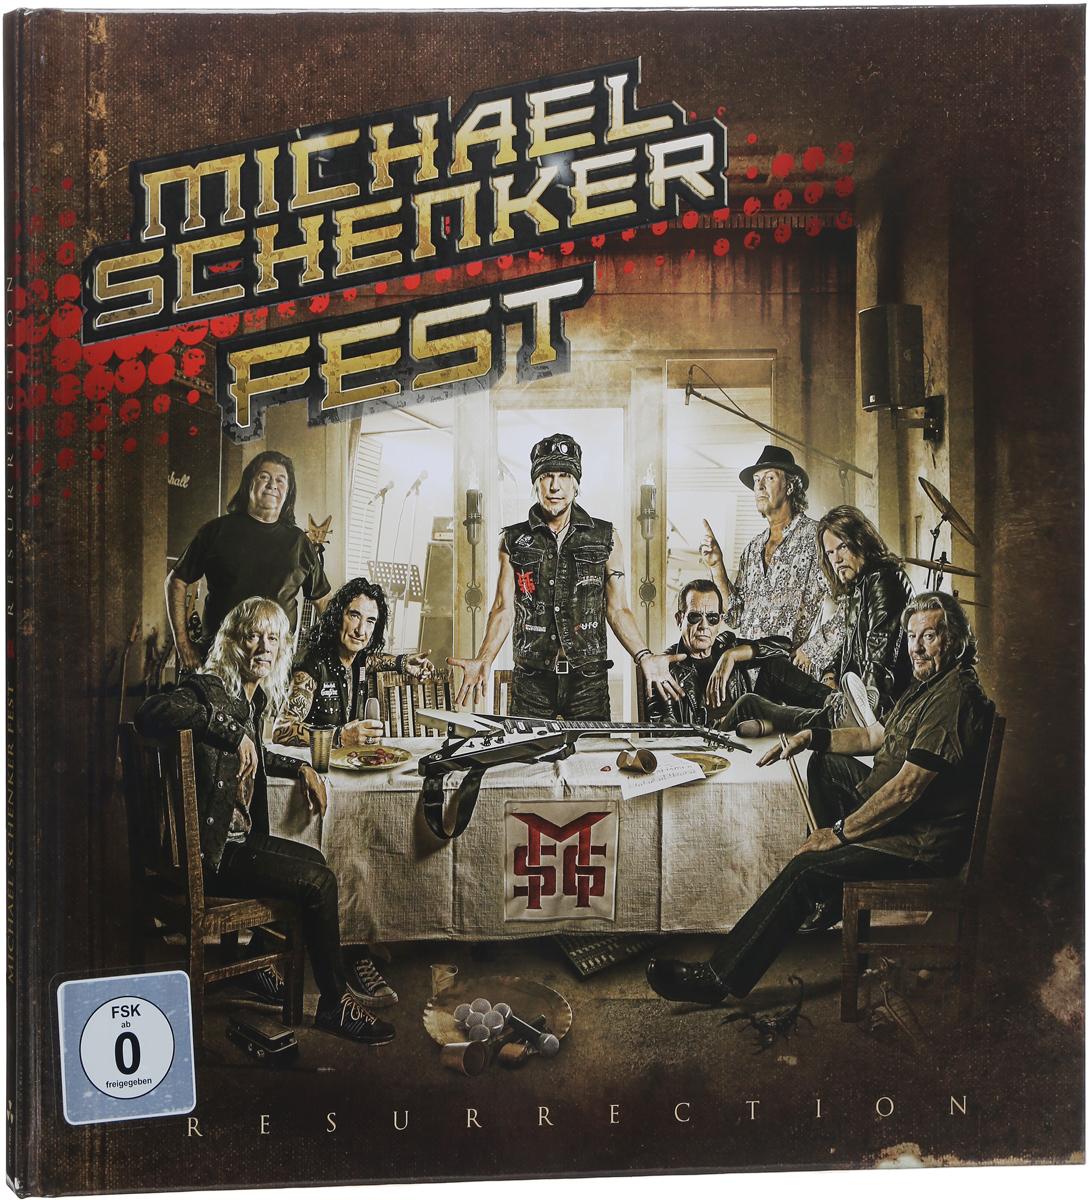 Michael Schenker Fest Michael Schenker Fest. Resurrection (CD + DVD) various artist facedown fest 2004 2 dvd